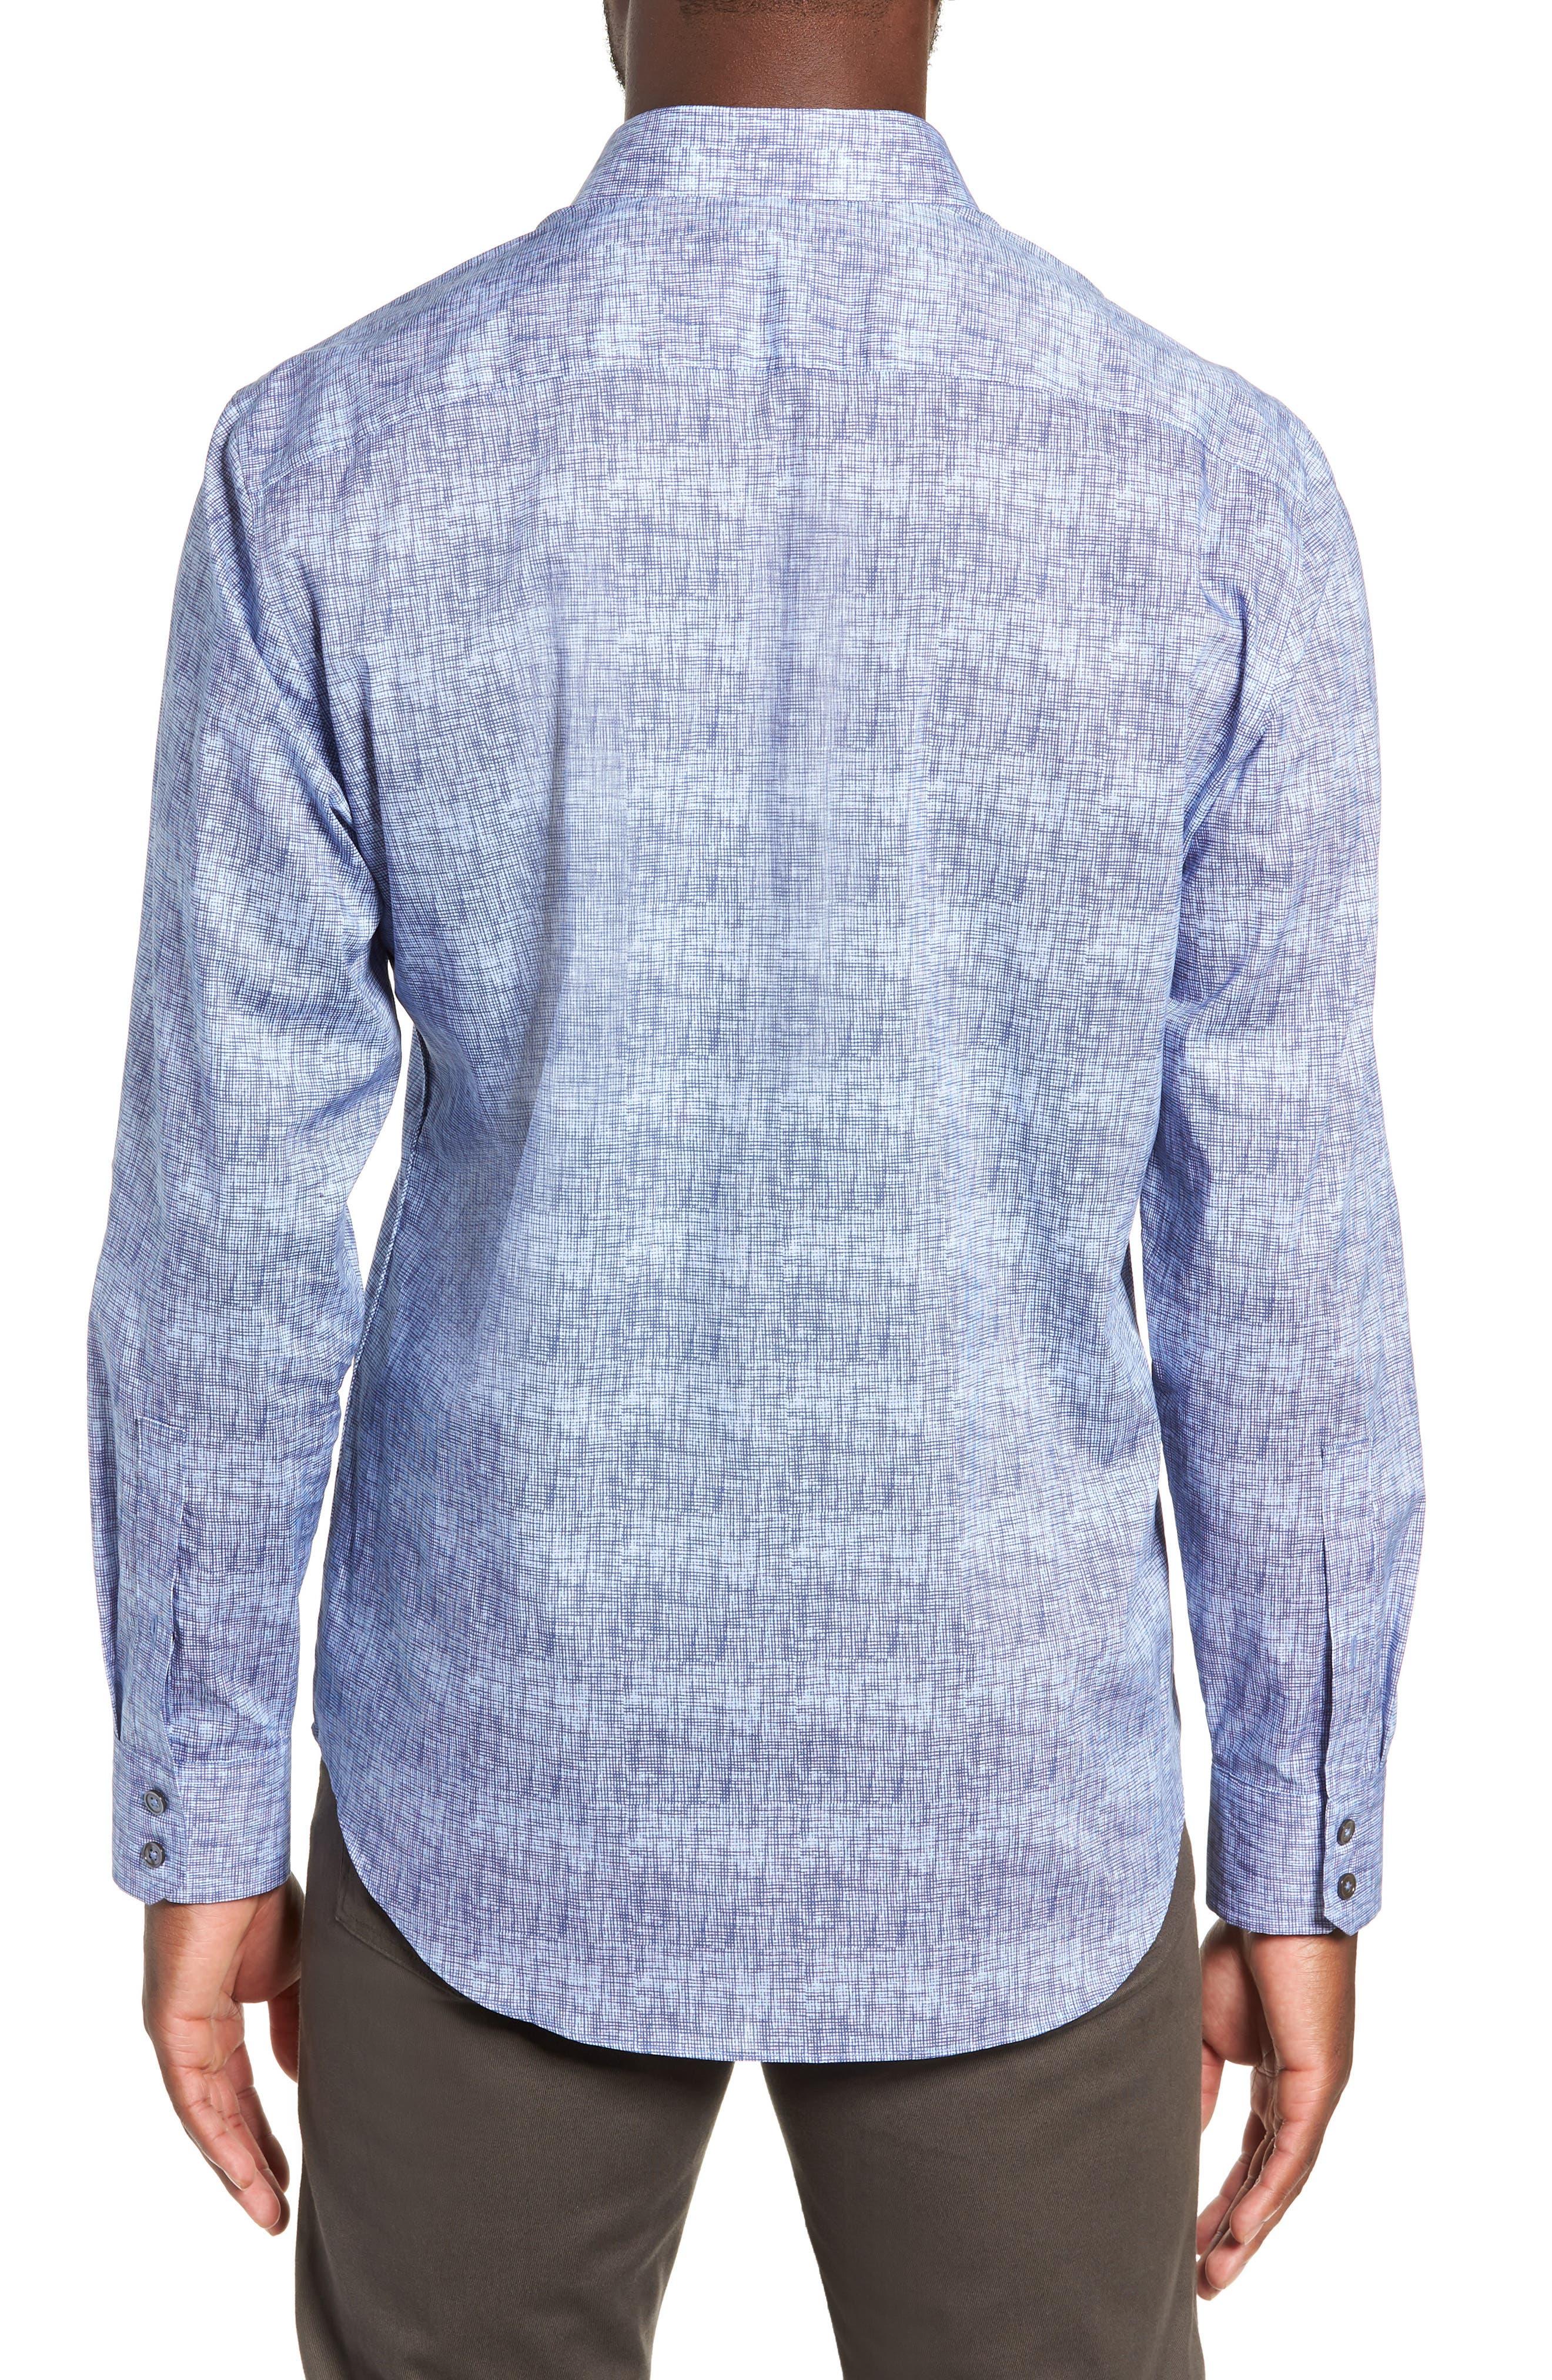 Oppong Sport Shirt,                             Alternate thumbnail 3, color,                             BLUE